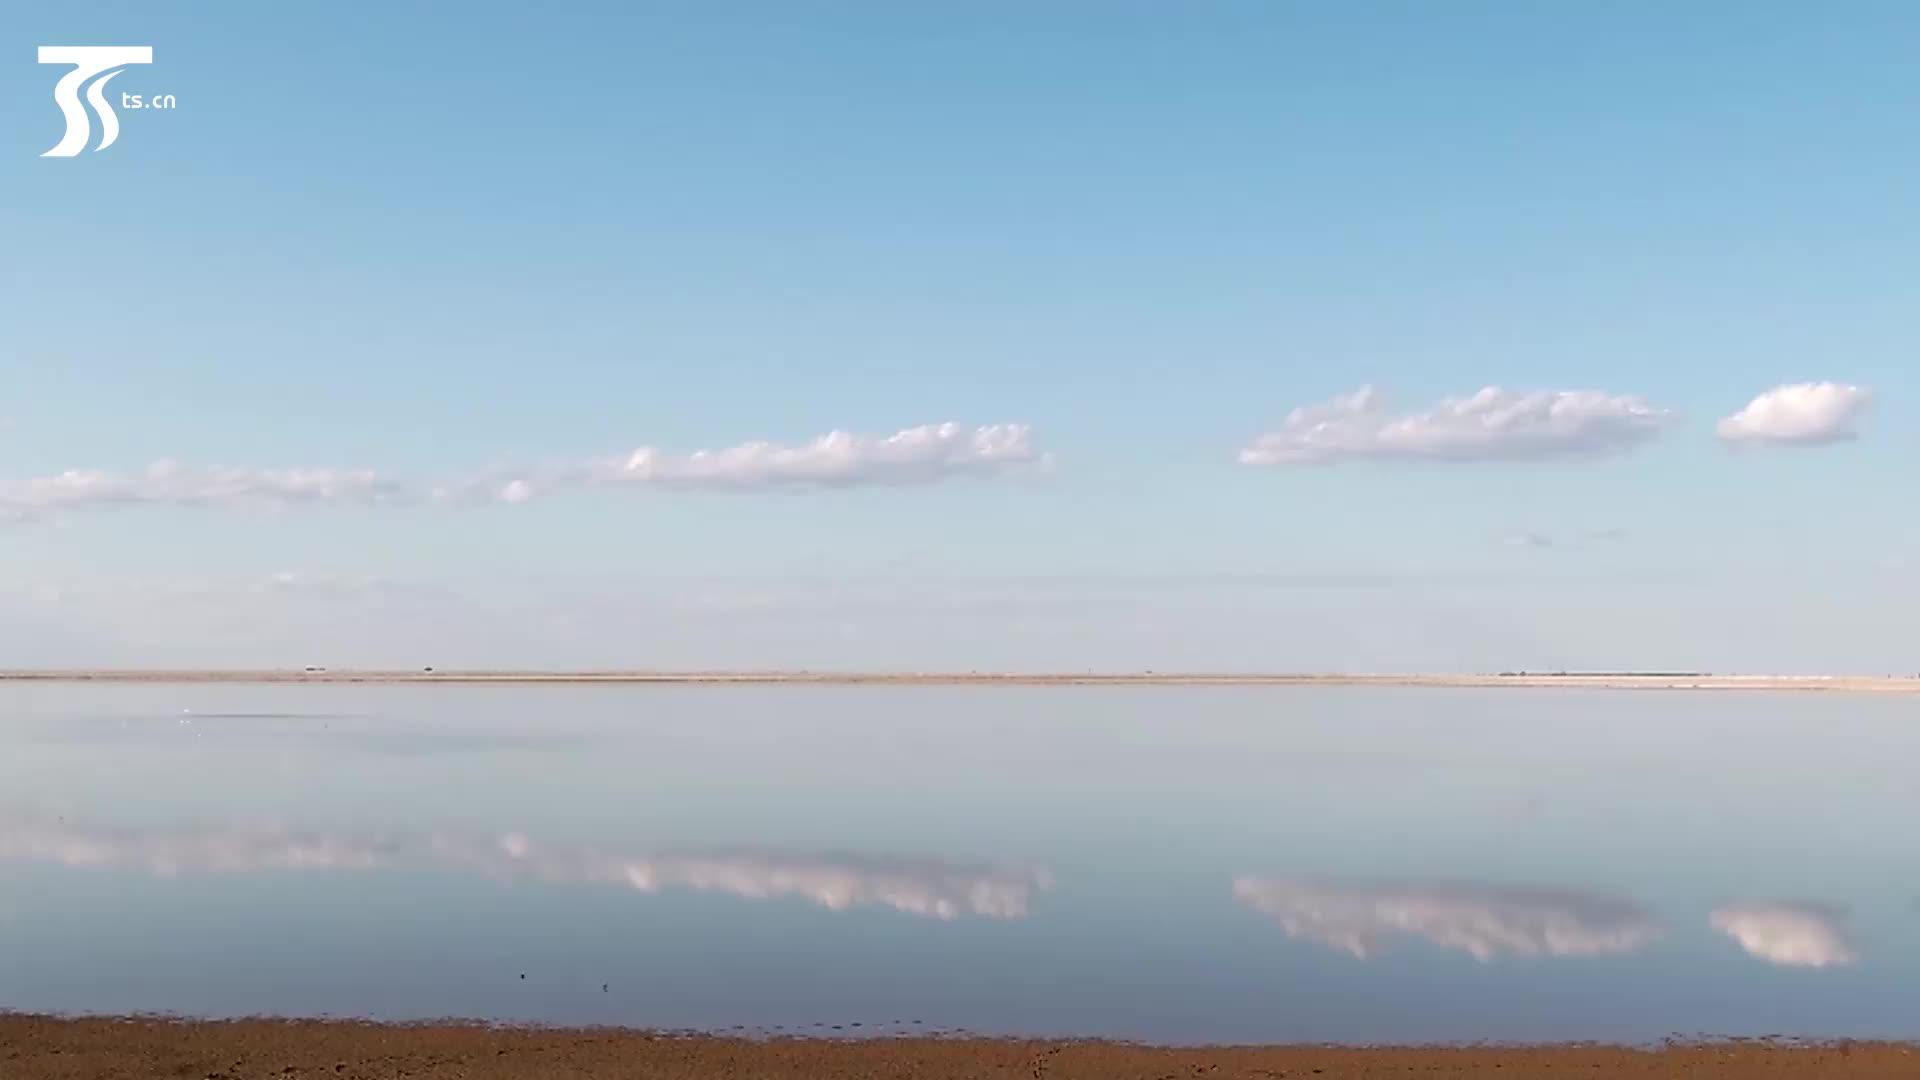 跟随南迁候鸟 俯瞰金秋玛纳斯国家湿地公园